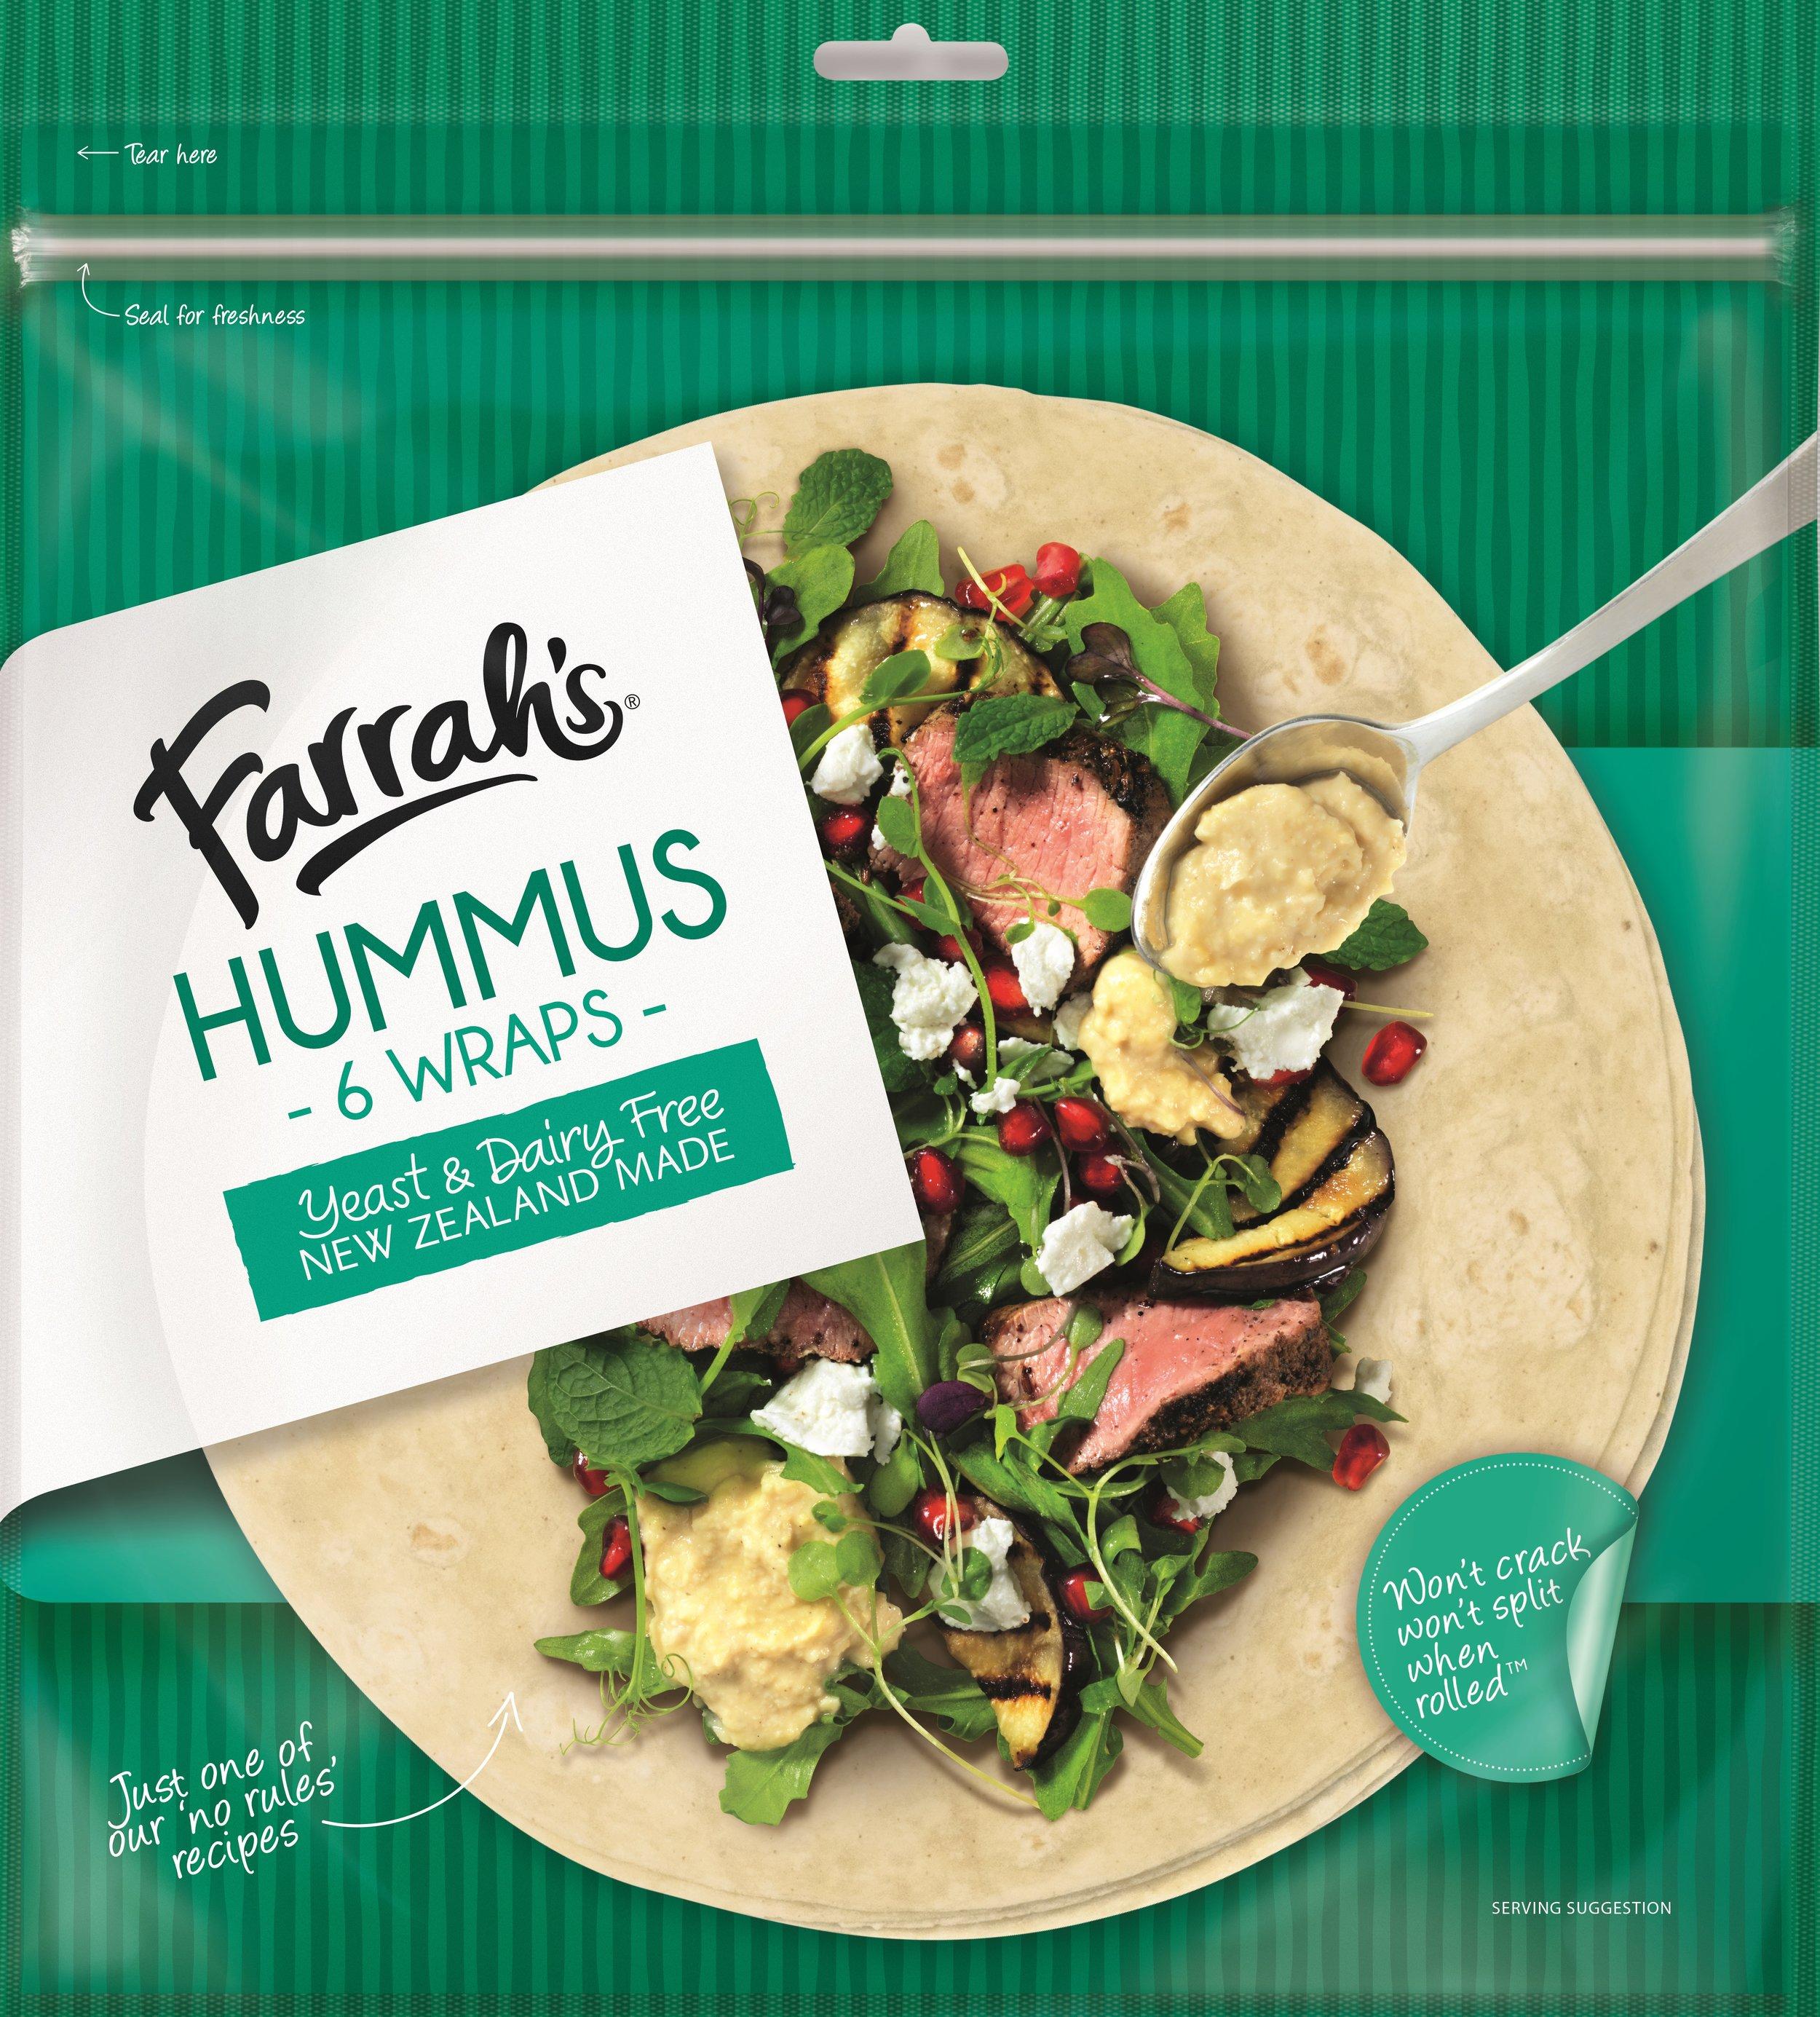 3236 Farrah Hummus Visual v2 Large.jpg